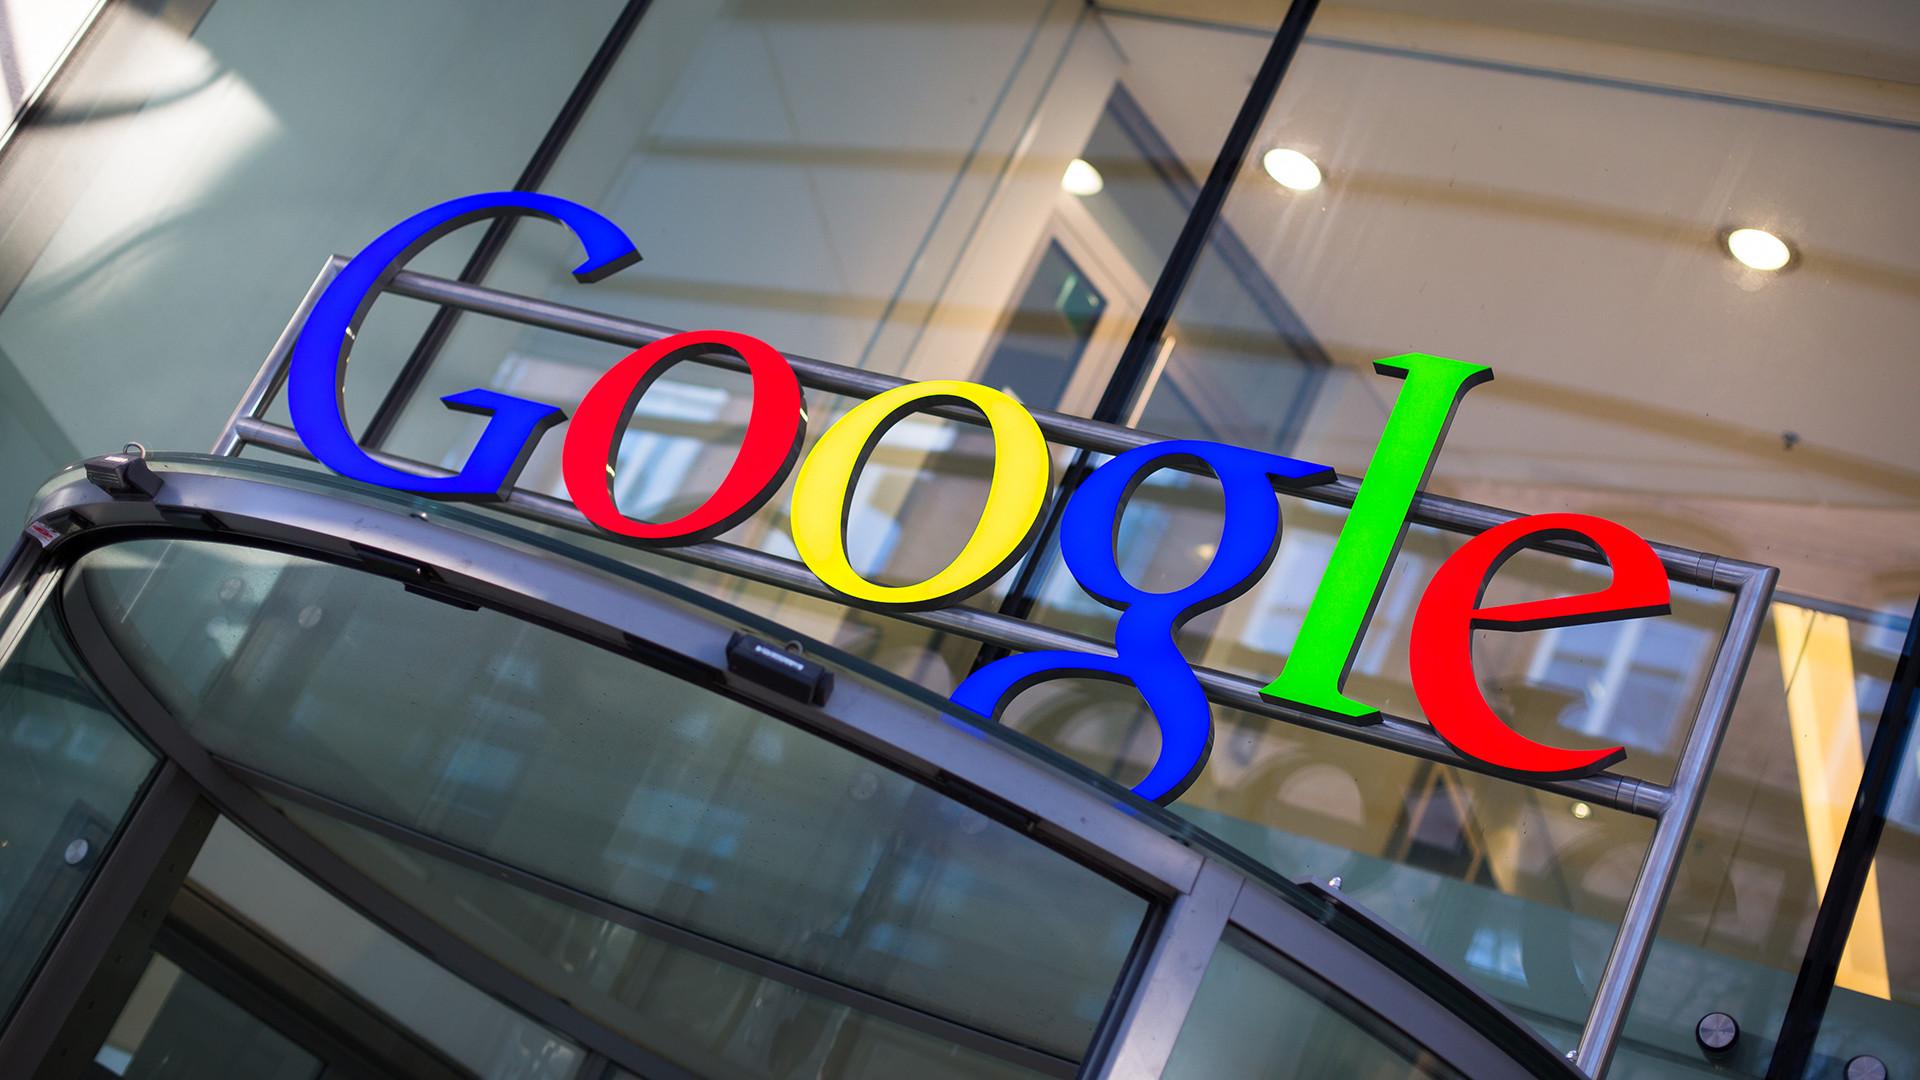 Ομαδική αγωγή 5 δισ. κατά της Google για παραβιάσεις ιδιωτικότητας